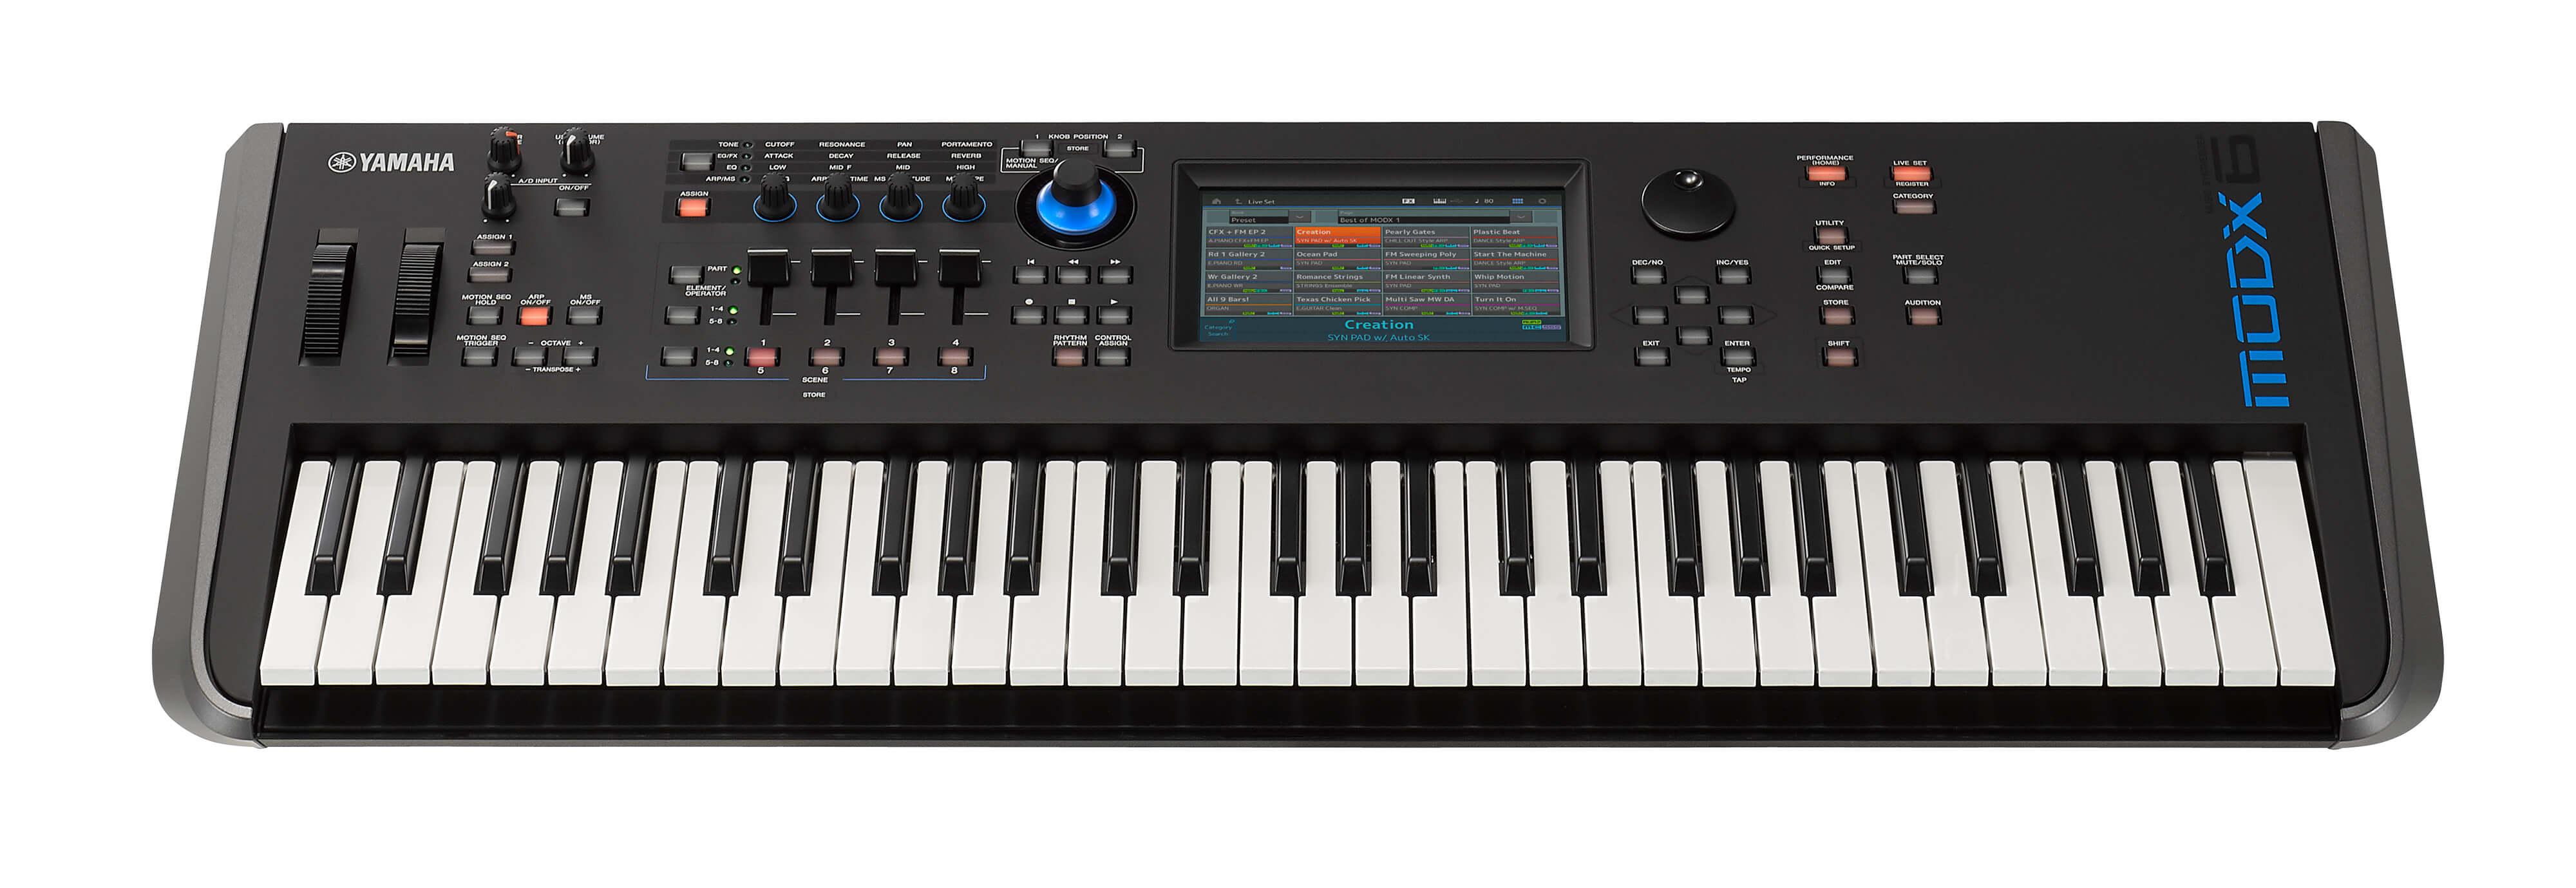 Sintetizador Yamaha MODX6 61 teclas